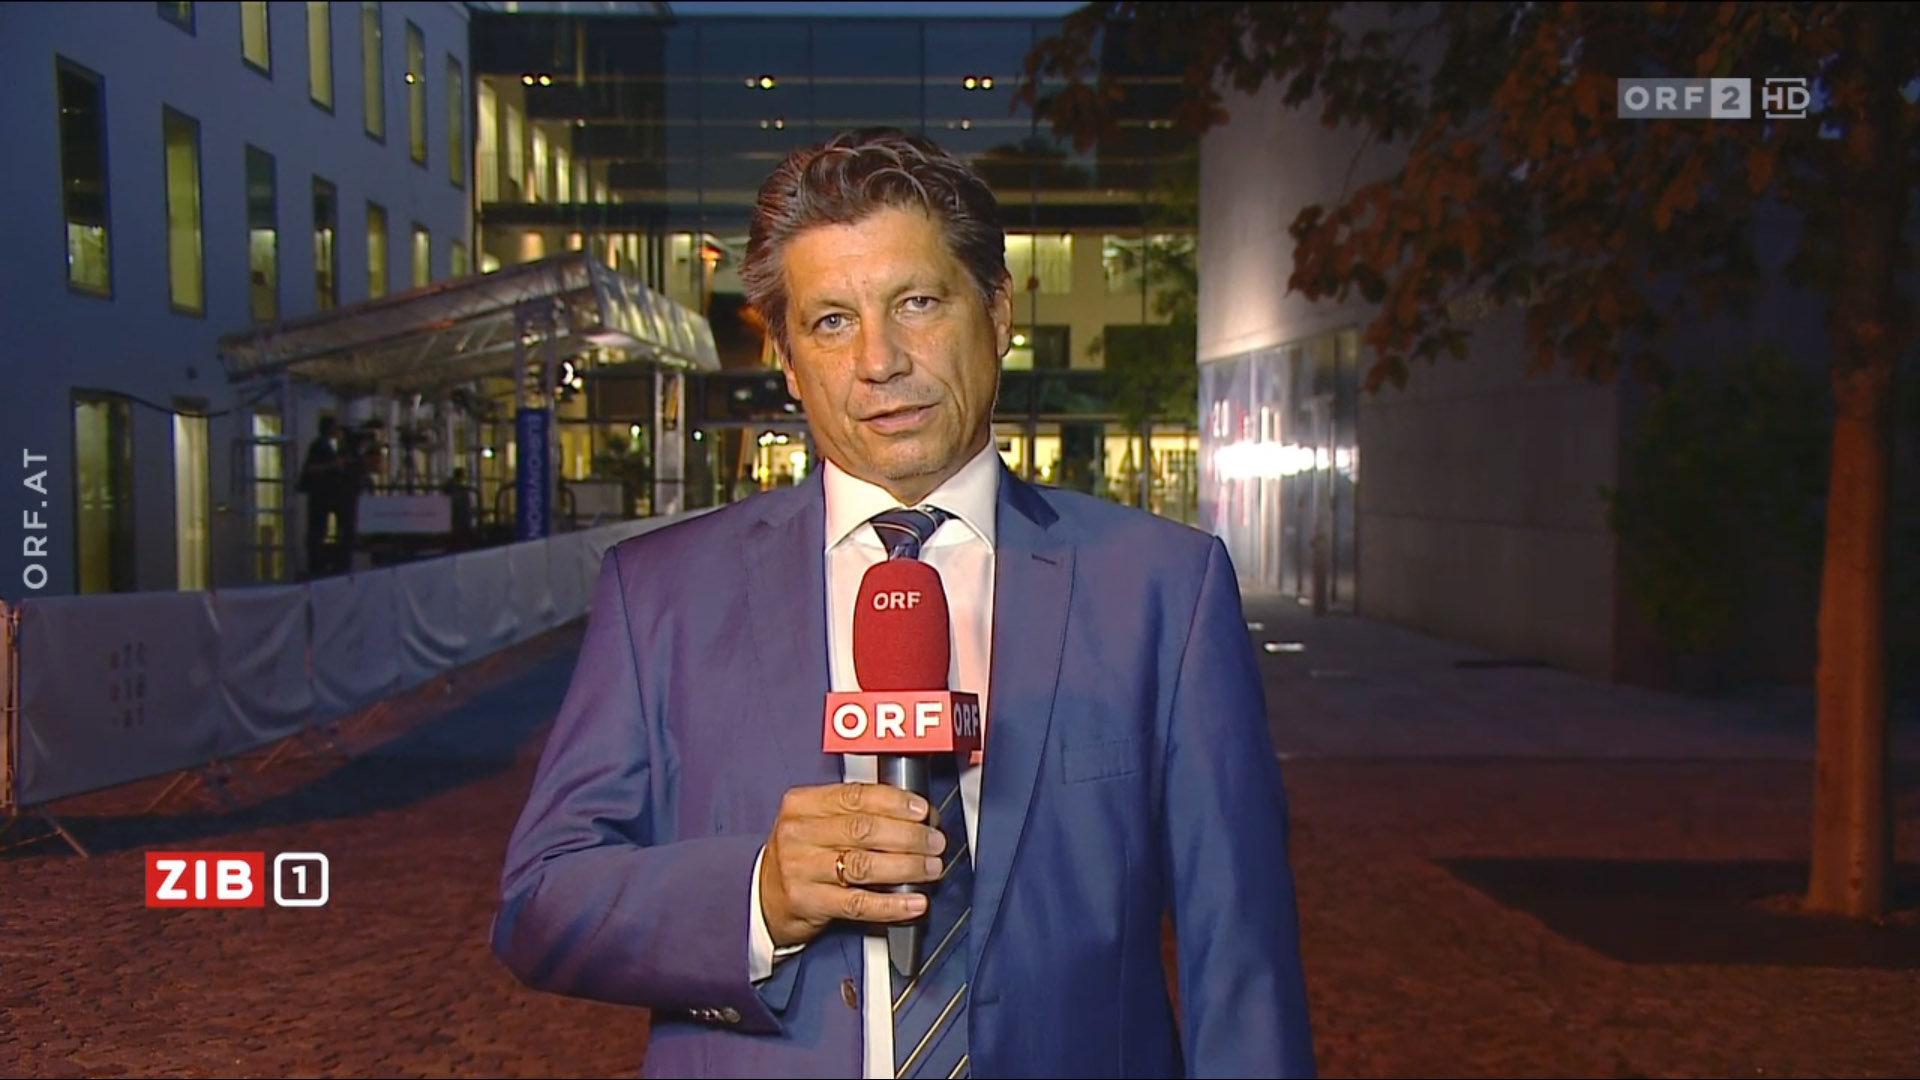 Hans Bürger (c) ORF